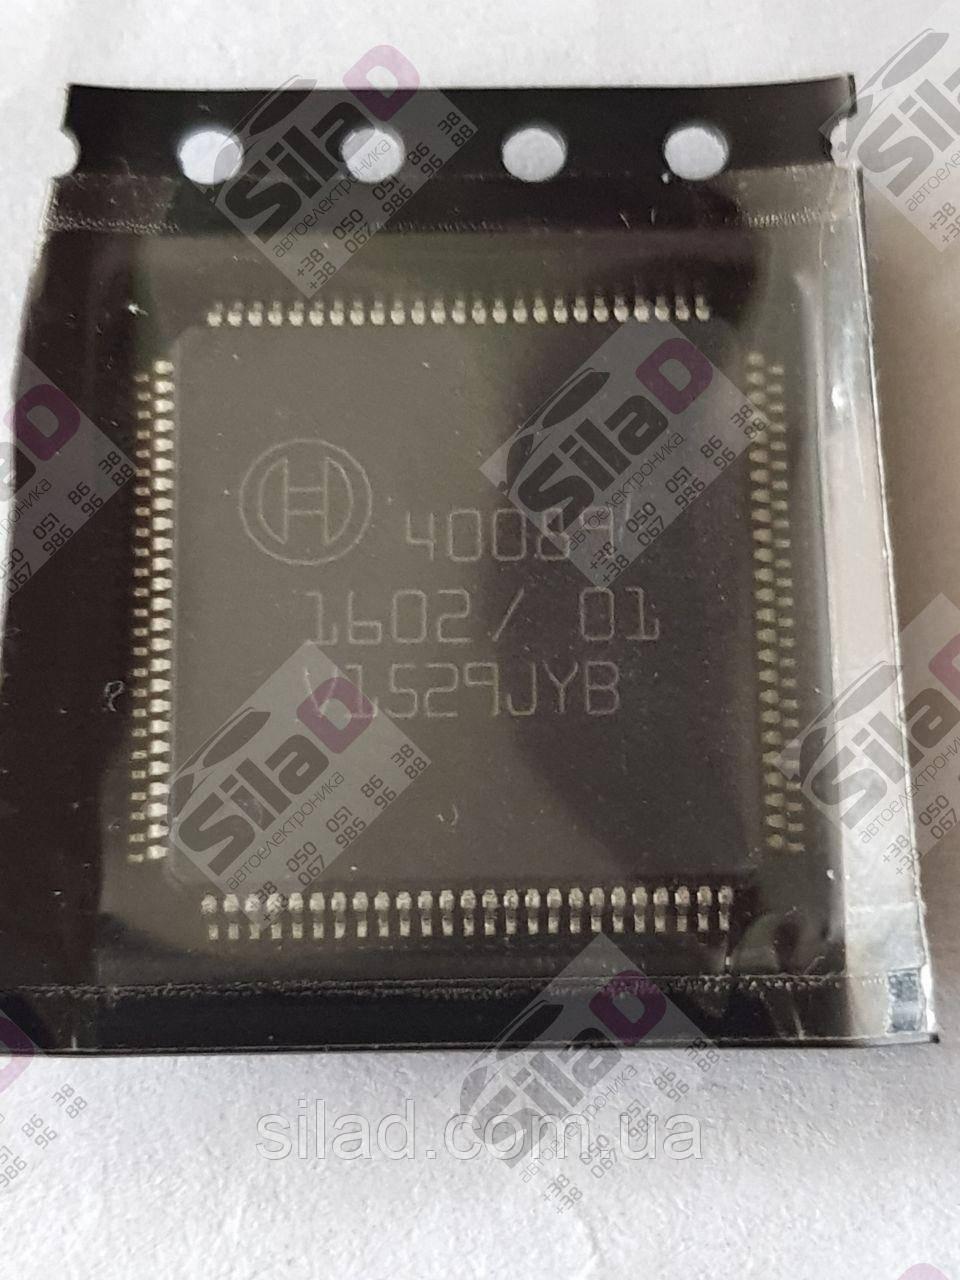 Микросхема Bosch 40089 драйвер корпус TQFP100